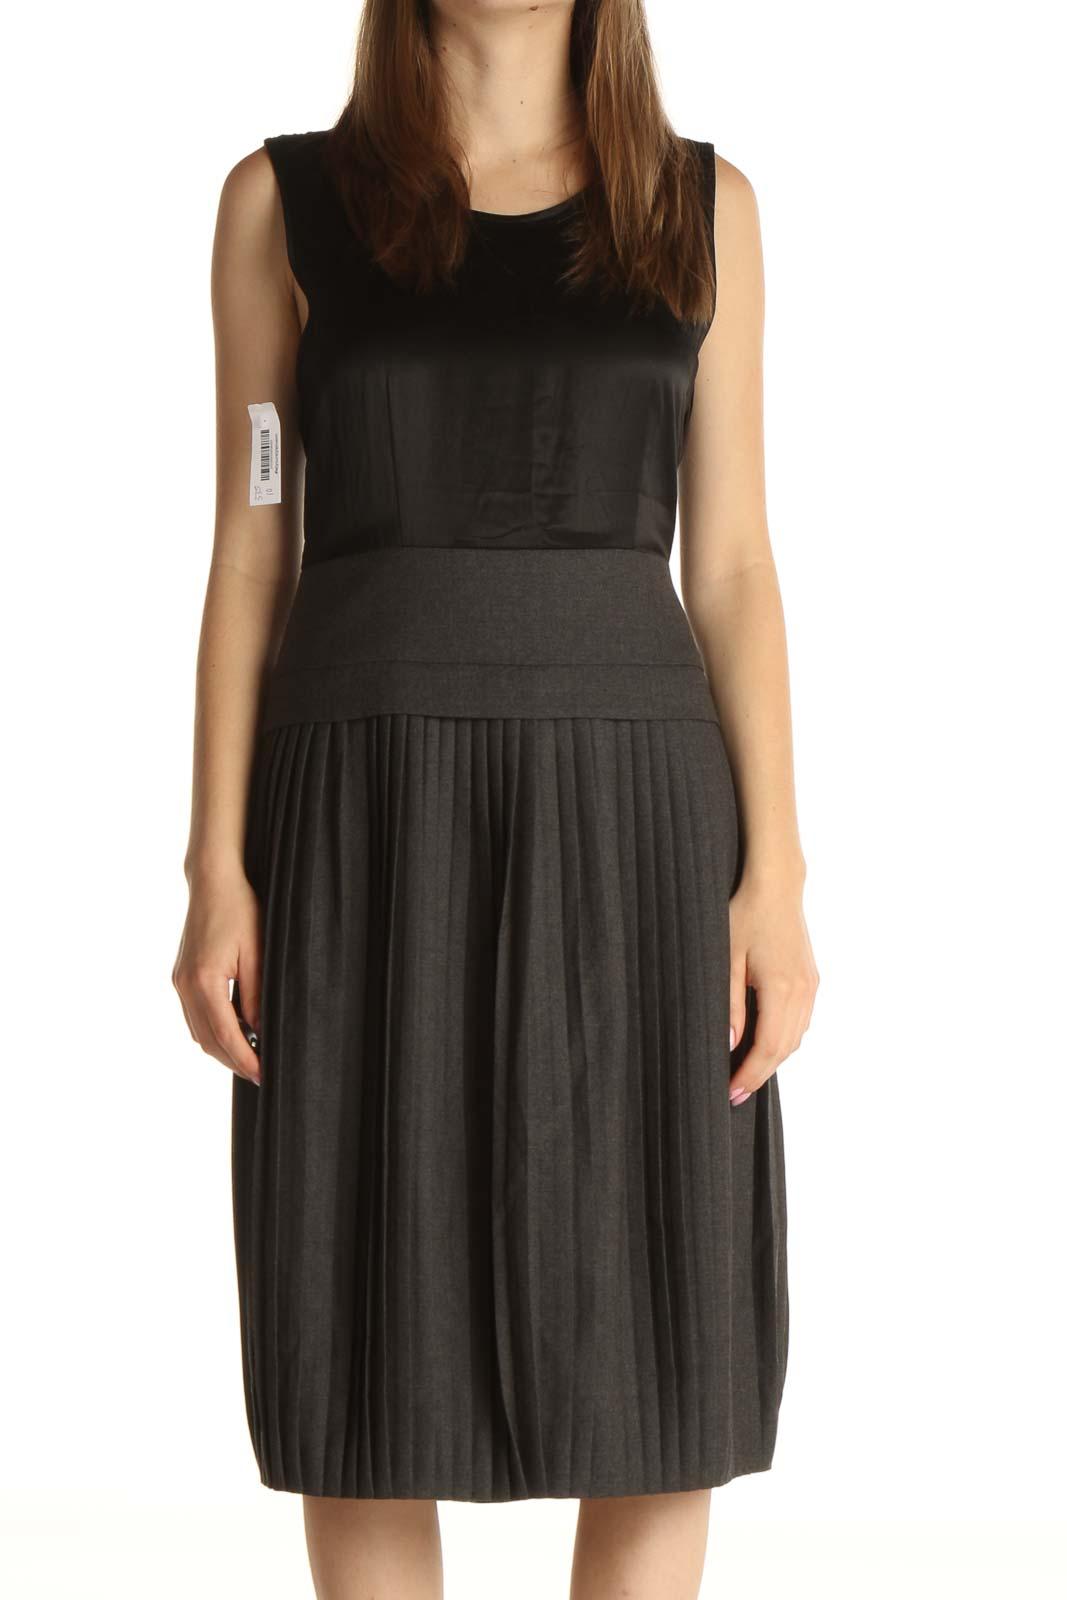 Black Solid Work Dress Front